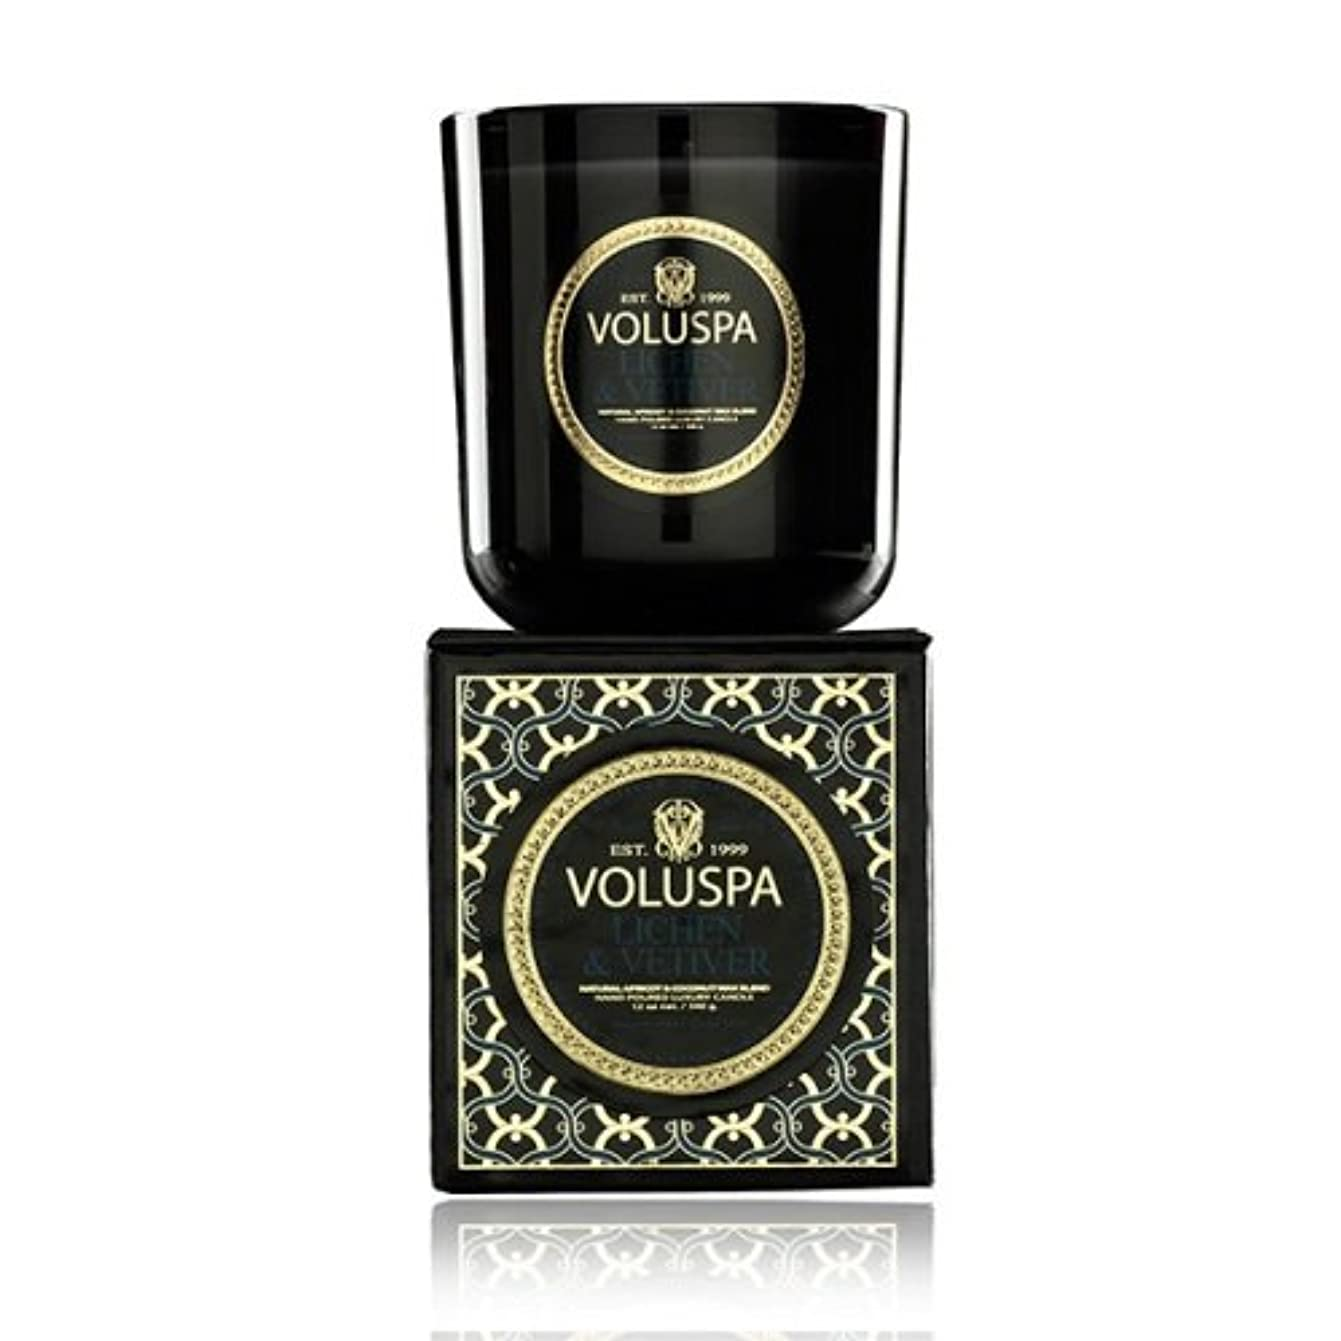 こねる成果伝染病Voluspa ボルスパ メゾンノワール ボックス入りグラスキャンドル ライケン&ベチバー MAISON NOIR Box Glass Candle LICHEN & VETIVER